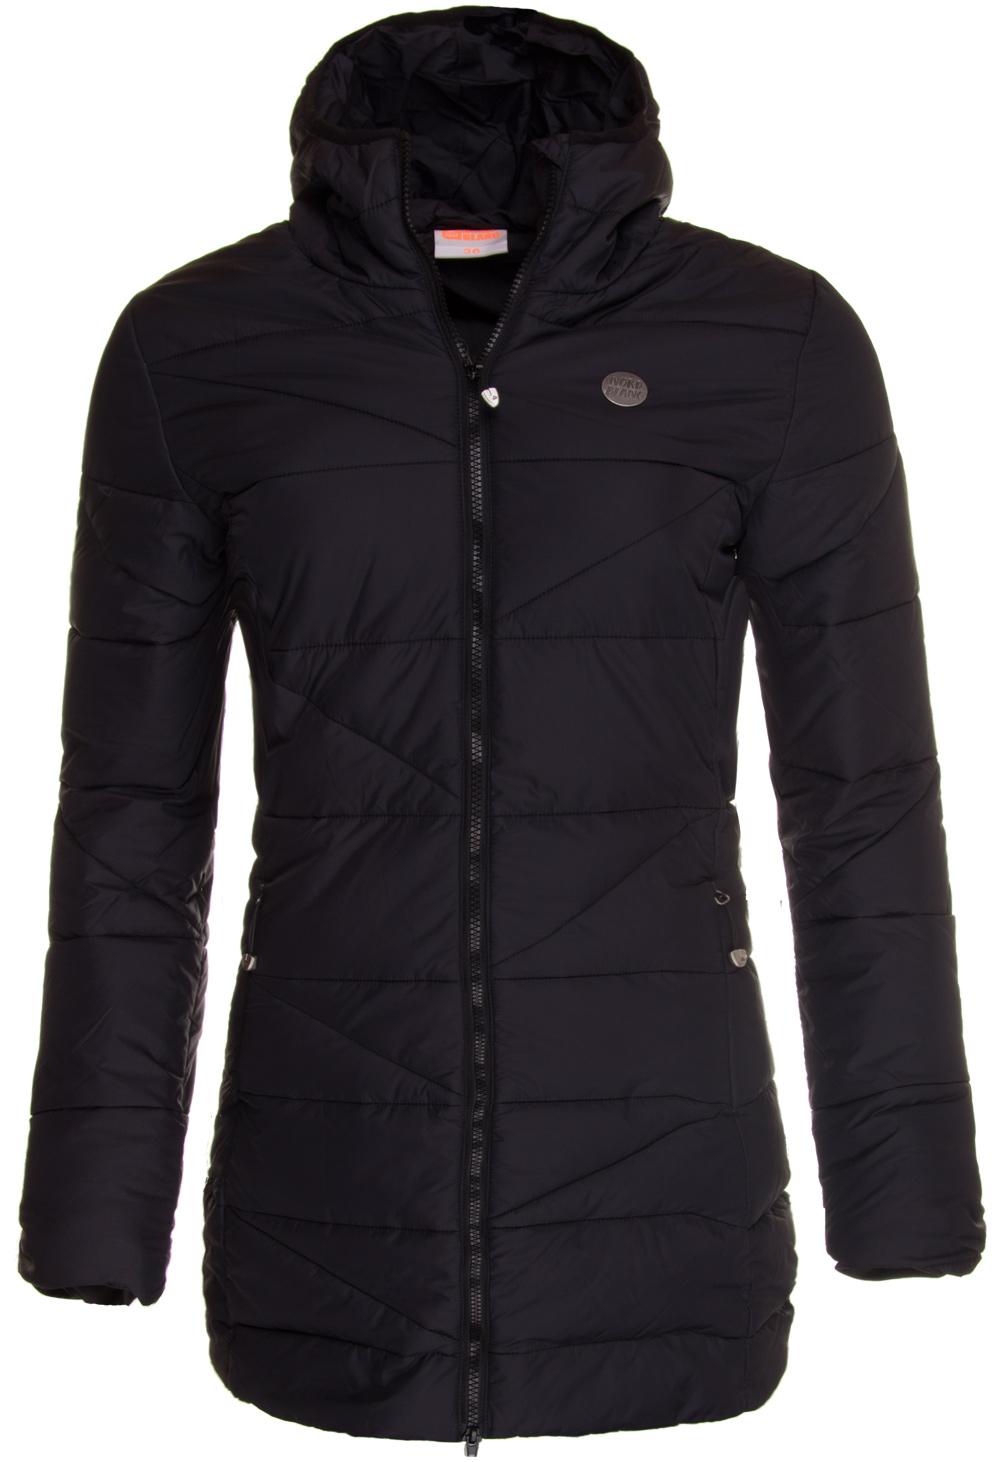 Zimní kabát dámsky NORDBLANC Tint - NBWJL6428